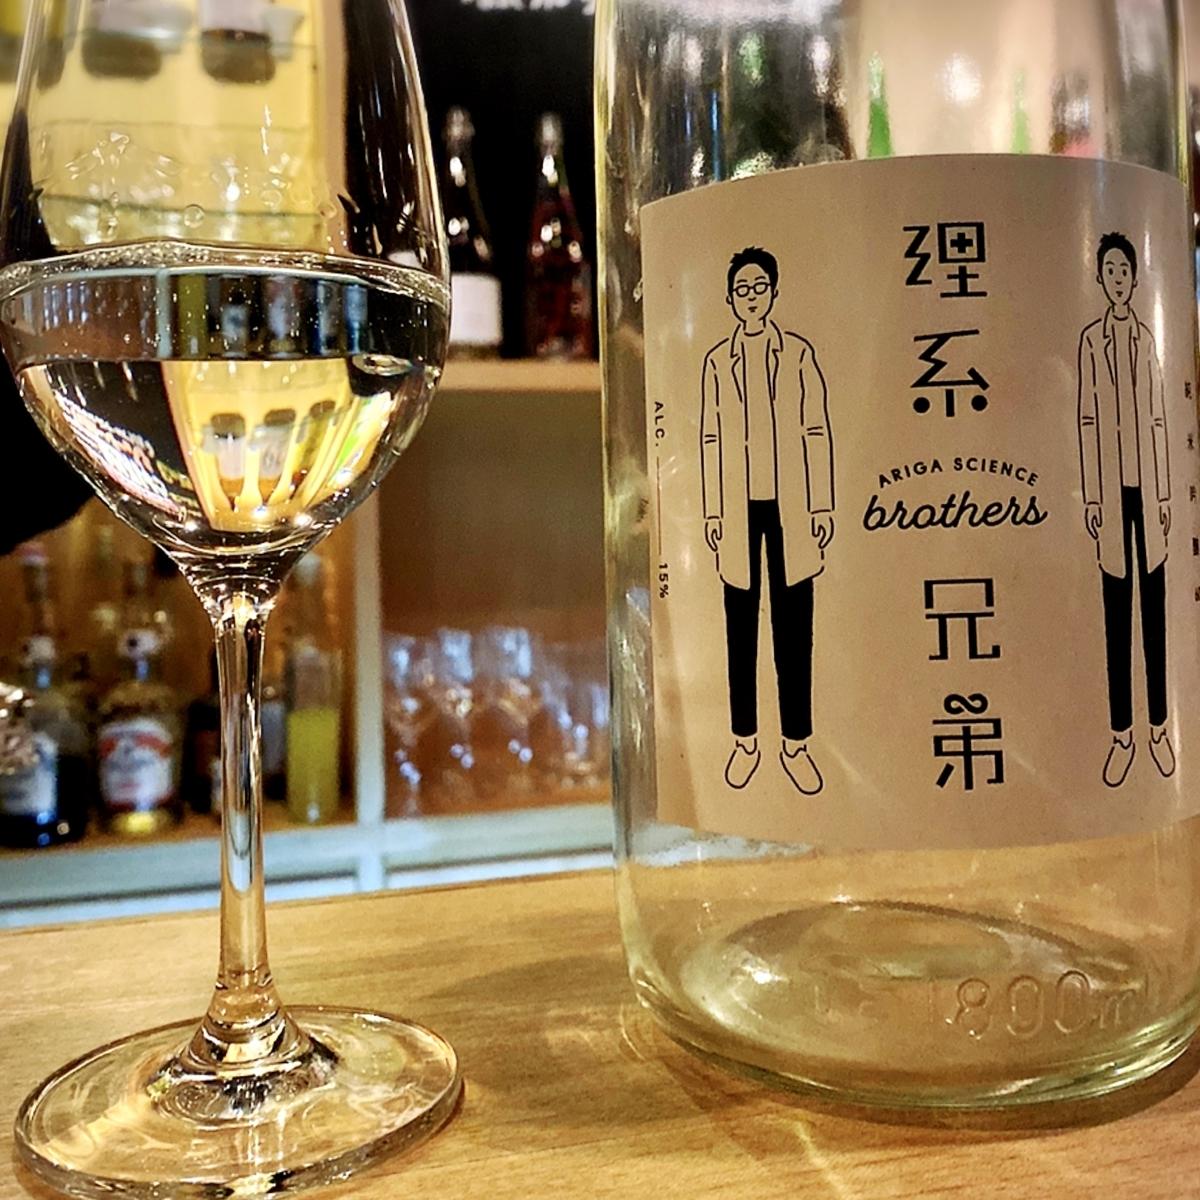 """「渋谷の日本酒ダイニング sakeba 」でいただいた「理系兄弟(日本酒)グラス」""""650円(税別)"""